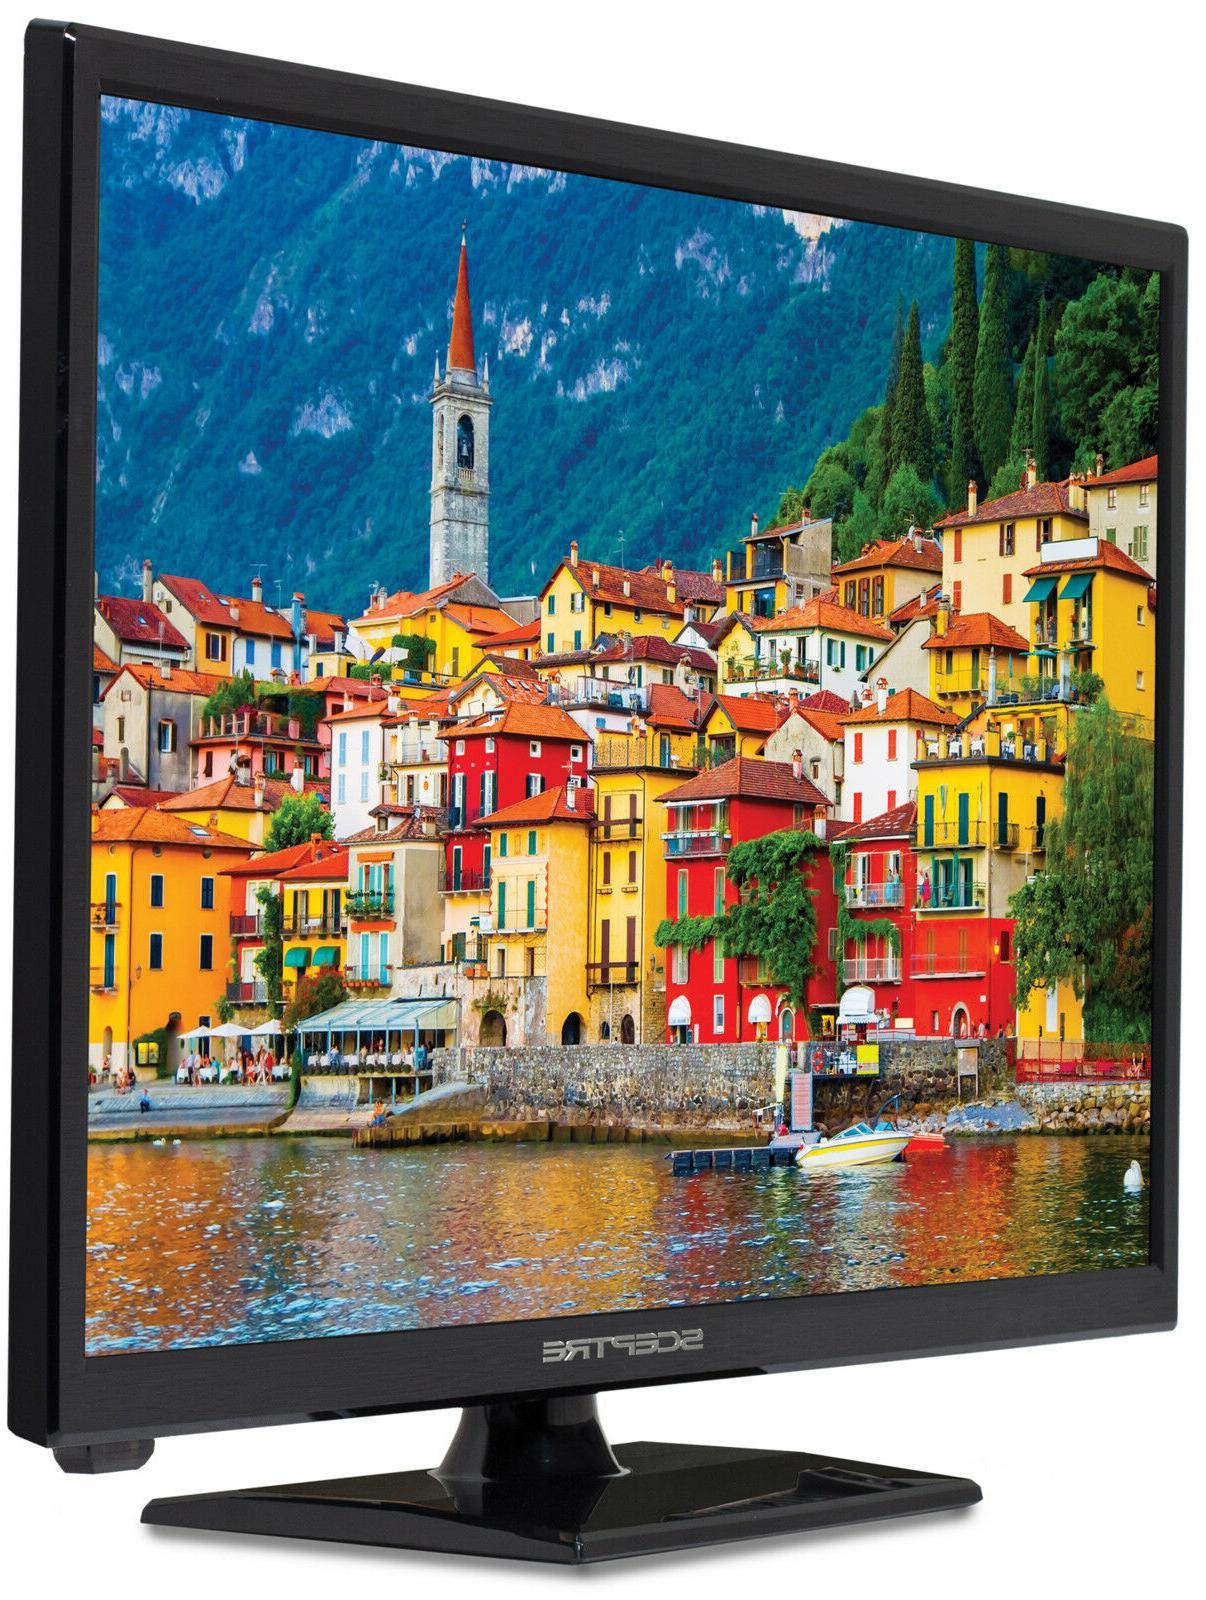 24 class hd 720p led tv e246bd